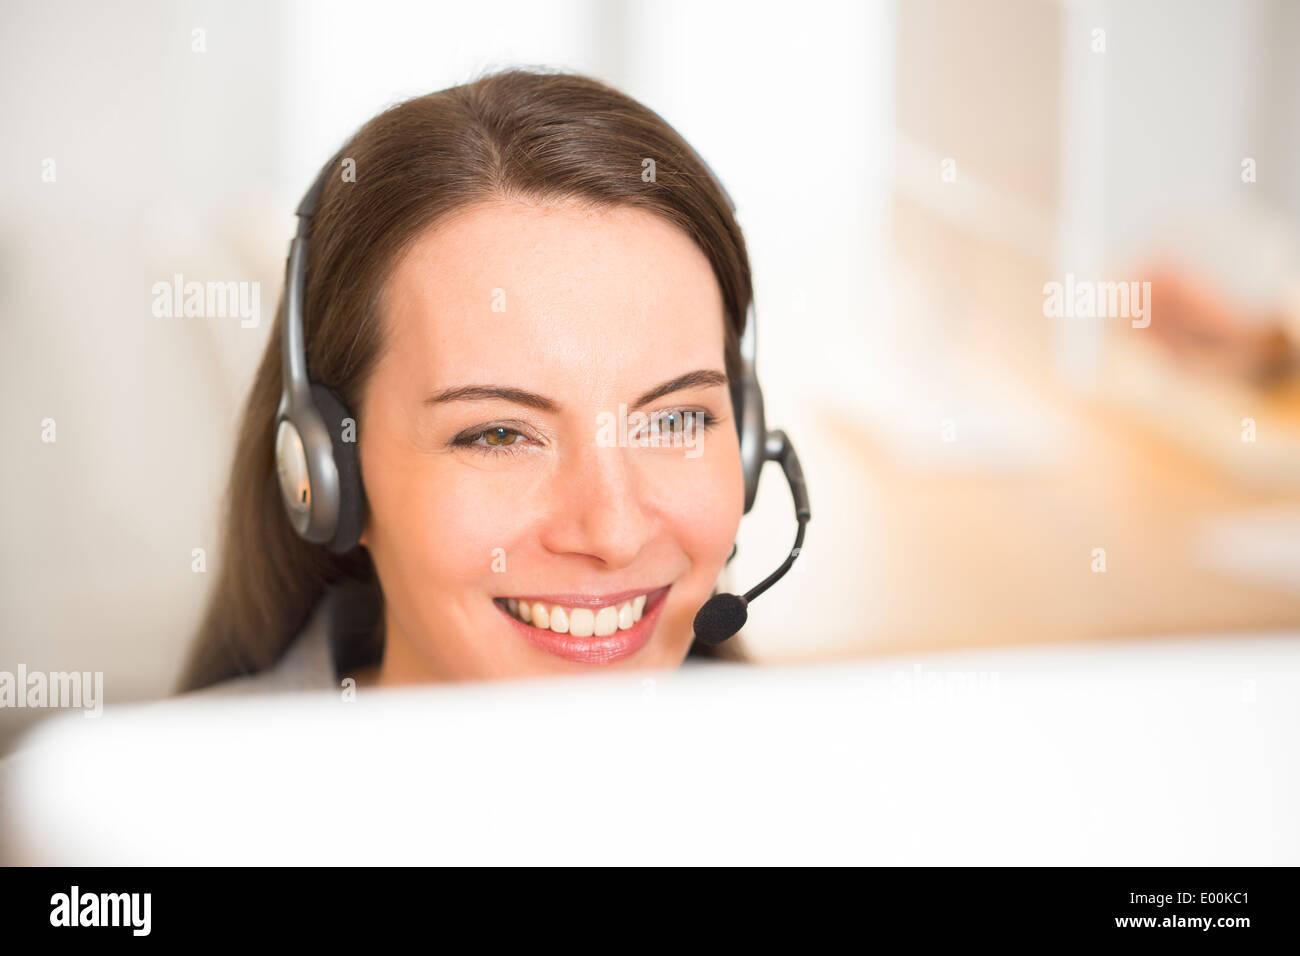 Jolie femme 24 portrait de casque Banque D'Images